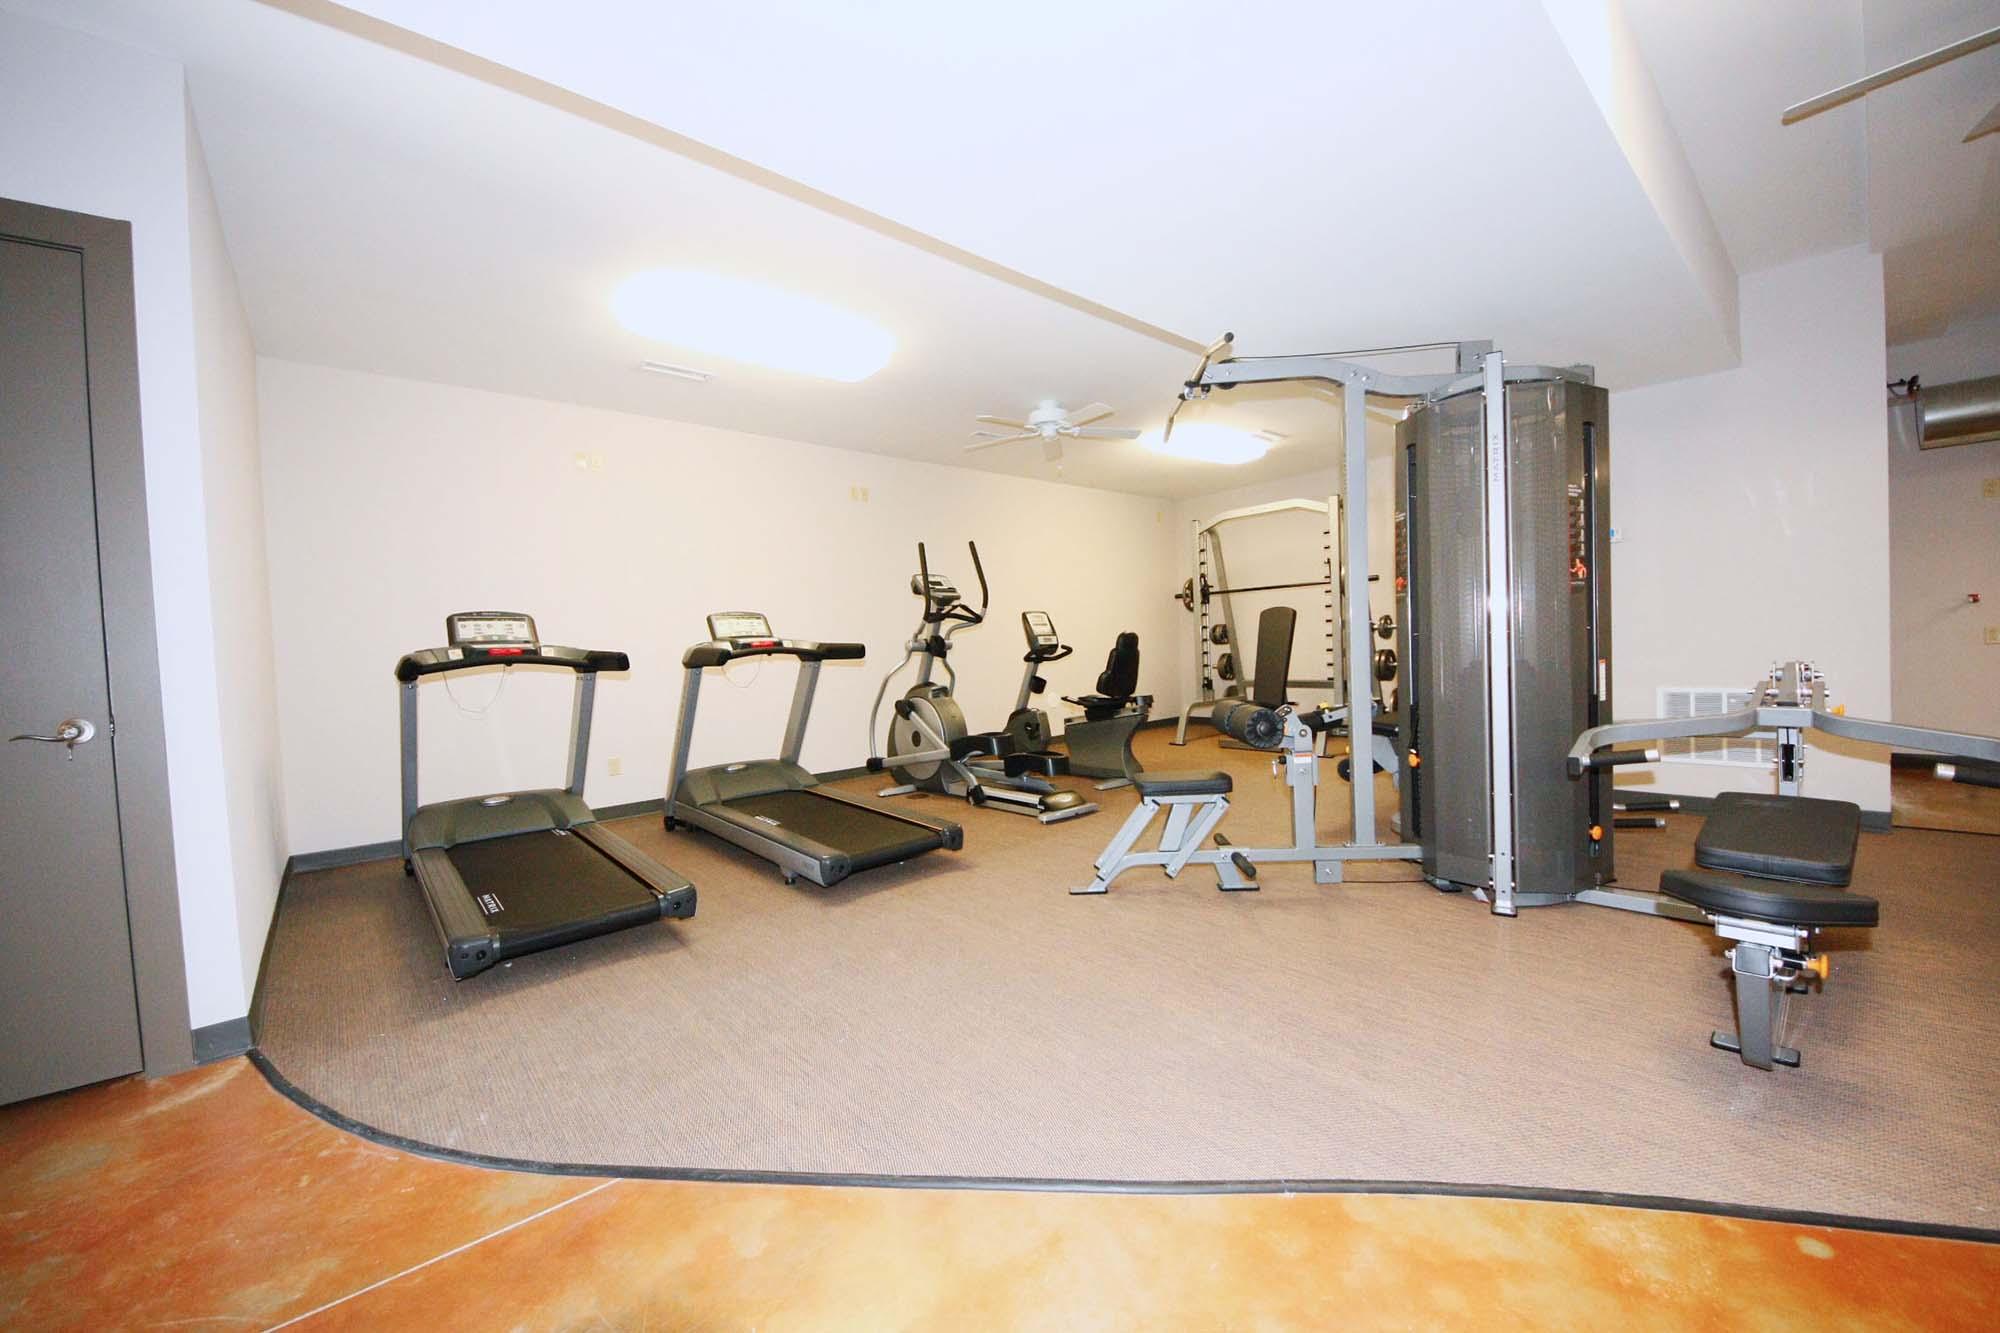 Tiger-Village-Fitness Center